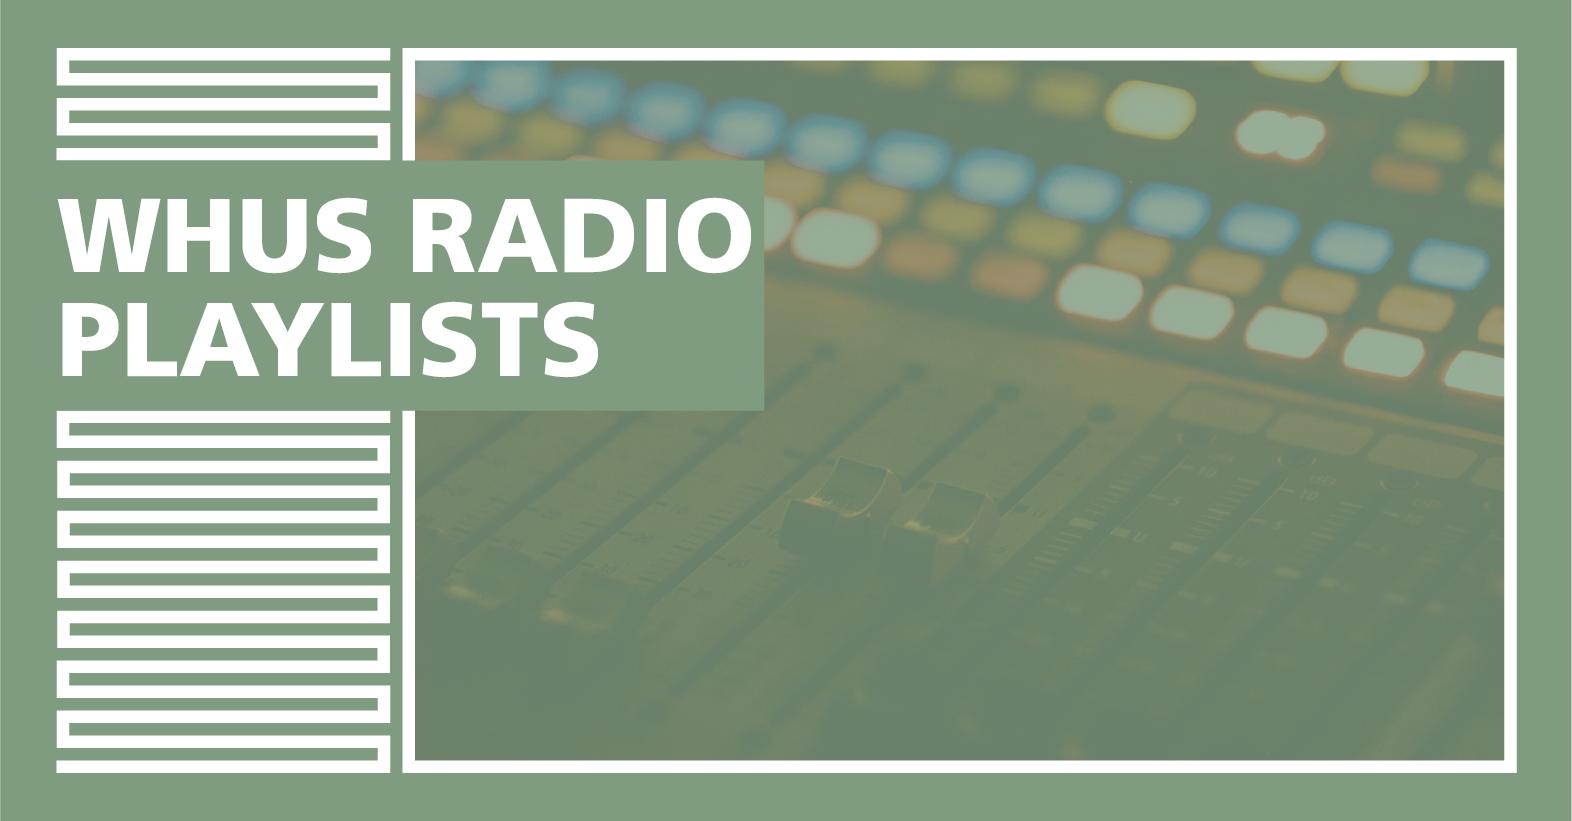 WHUS Radio Playlists